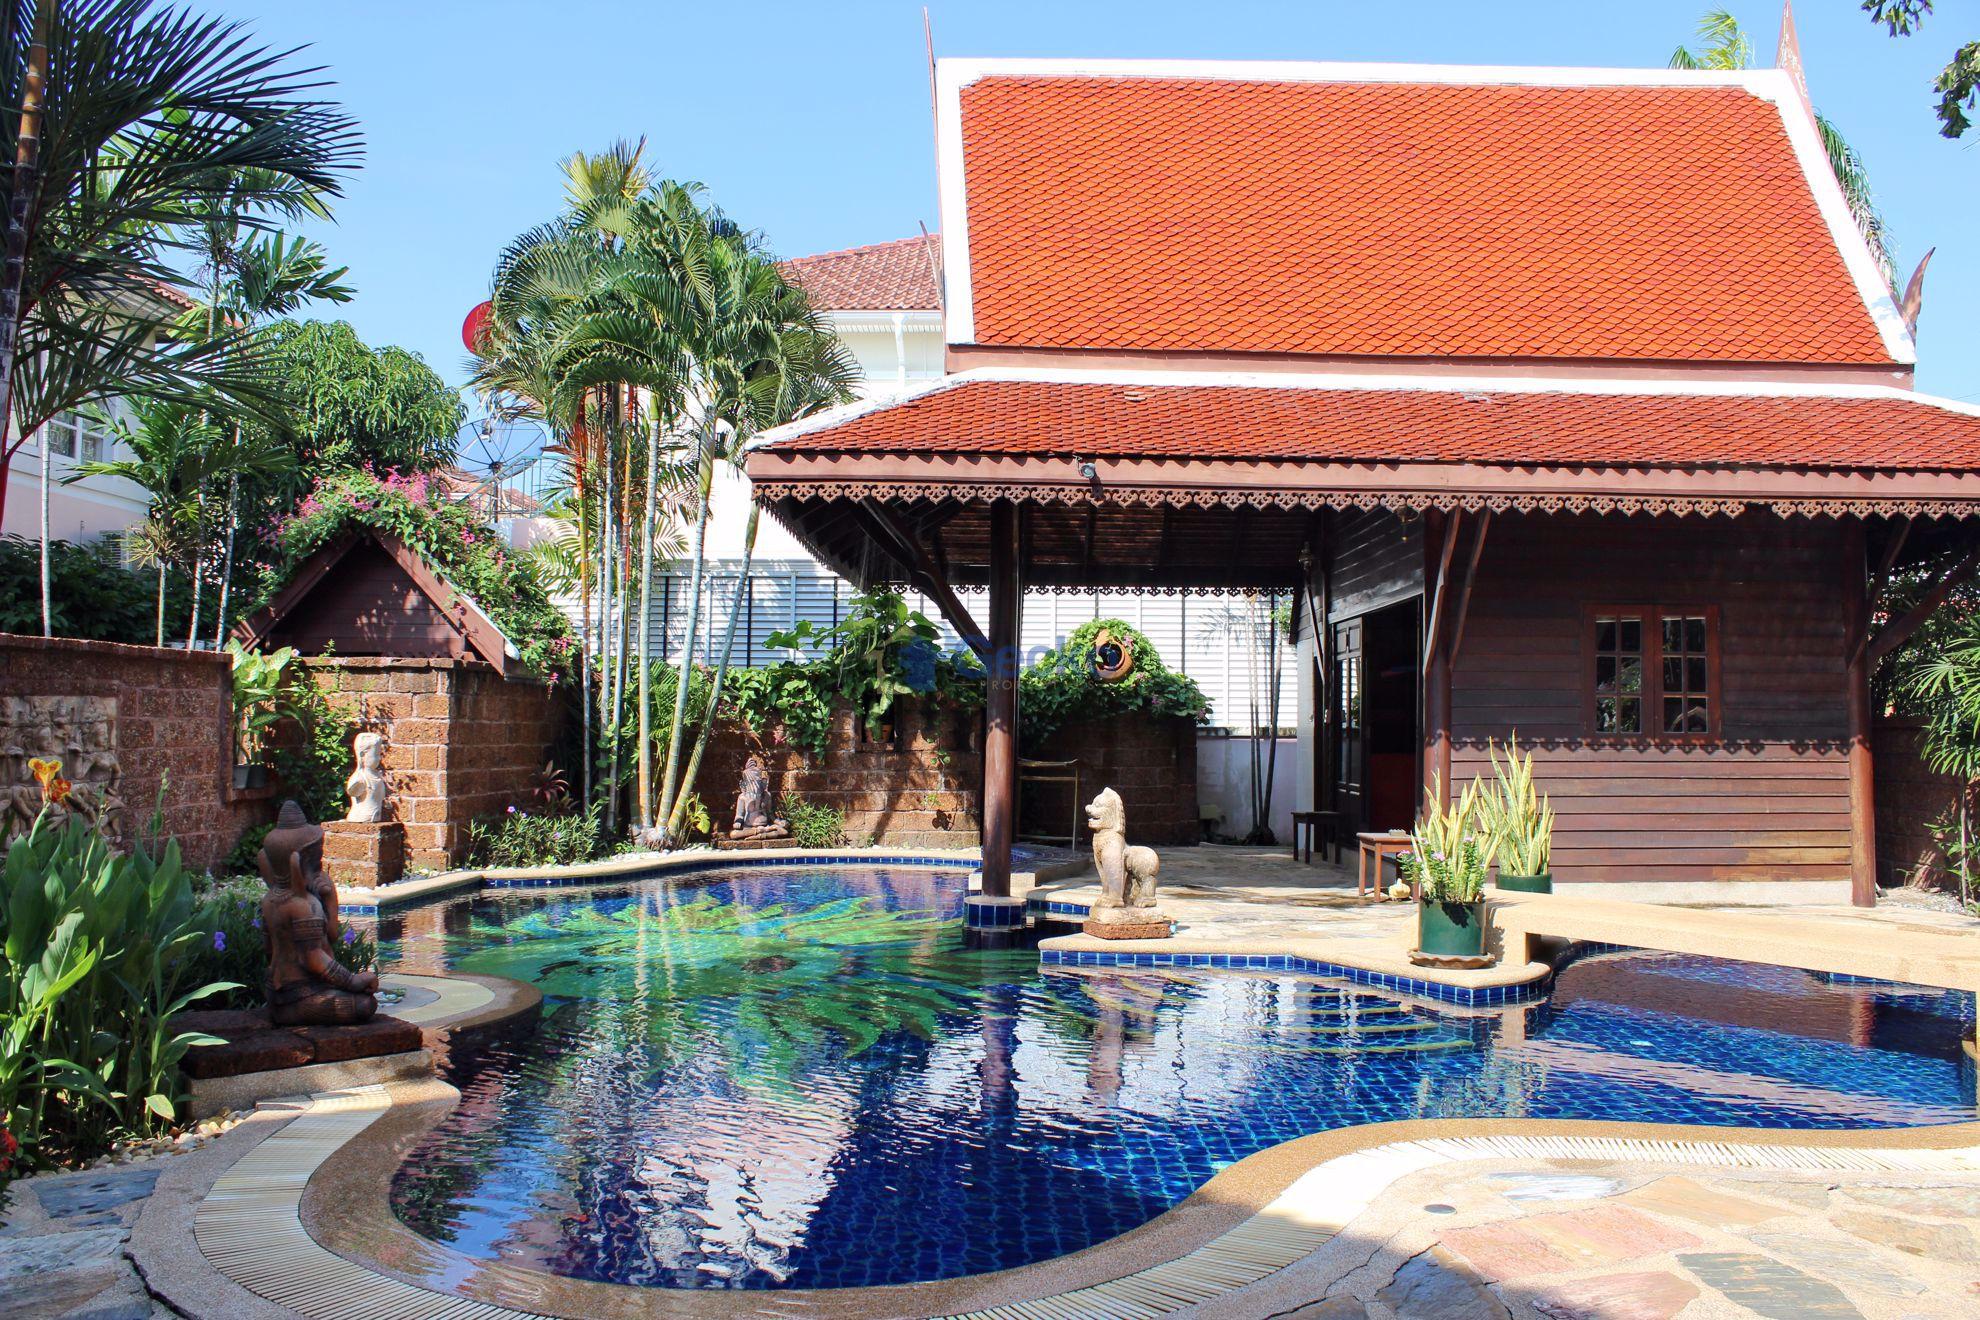 รูปภาพ 6 Bedrooms bed in House in Central Park III in Central Pattaya H009231